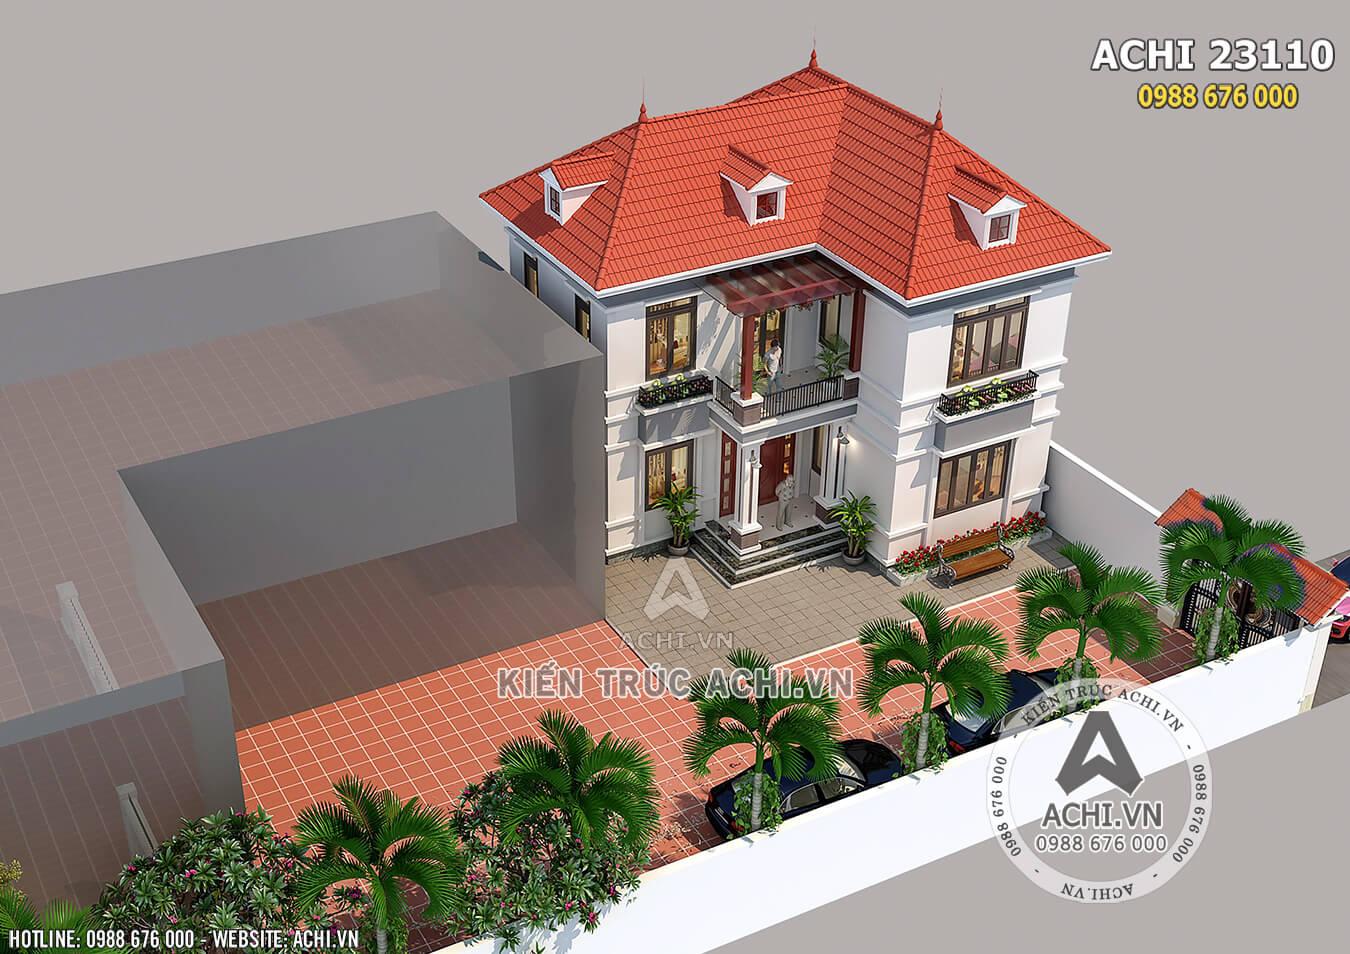 Mẫu nhà 2 tầng đơn giản nhìn từ trên cao